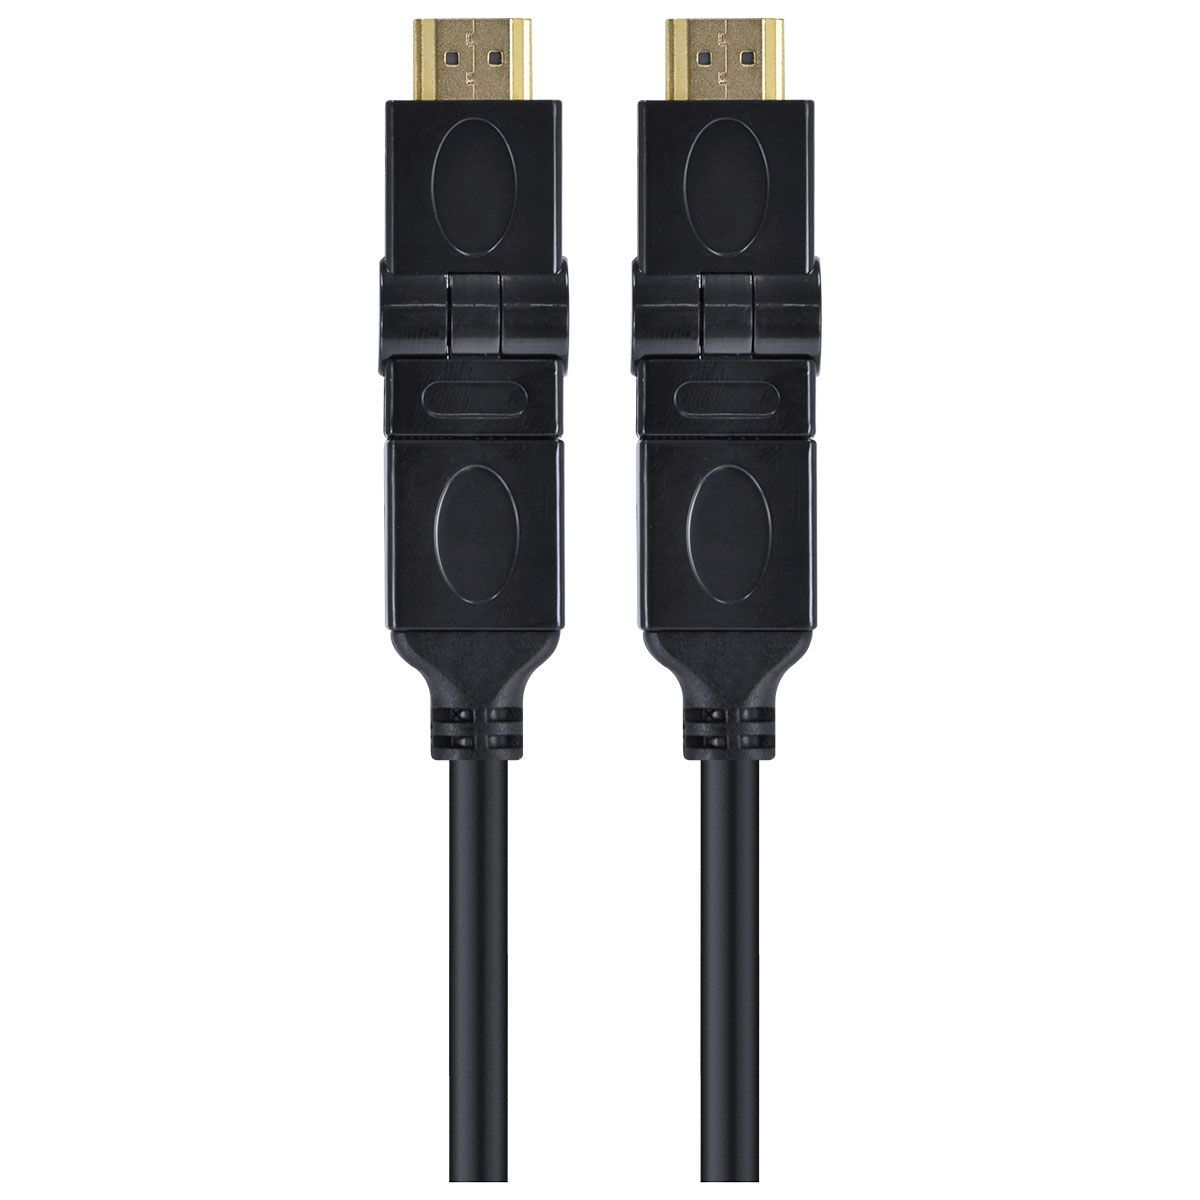 CABO HDMI 2.0 4K ULTRA HD 3D CONEXÃO ETHERNET CONECTORES 360° 2 METROS - H20B360-2  - skalla magazine